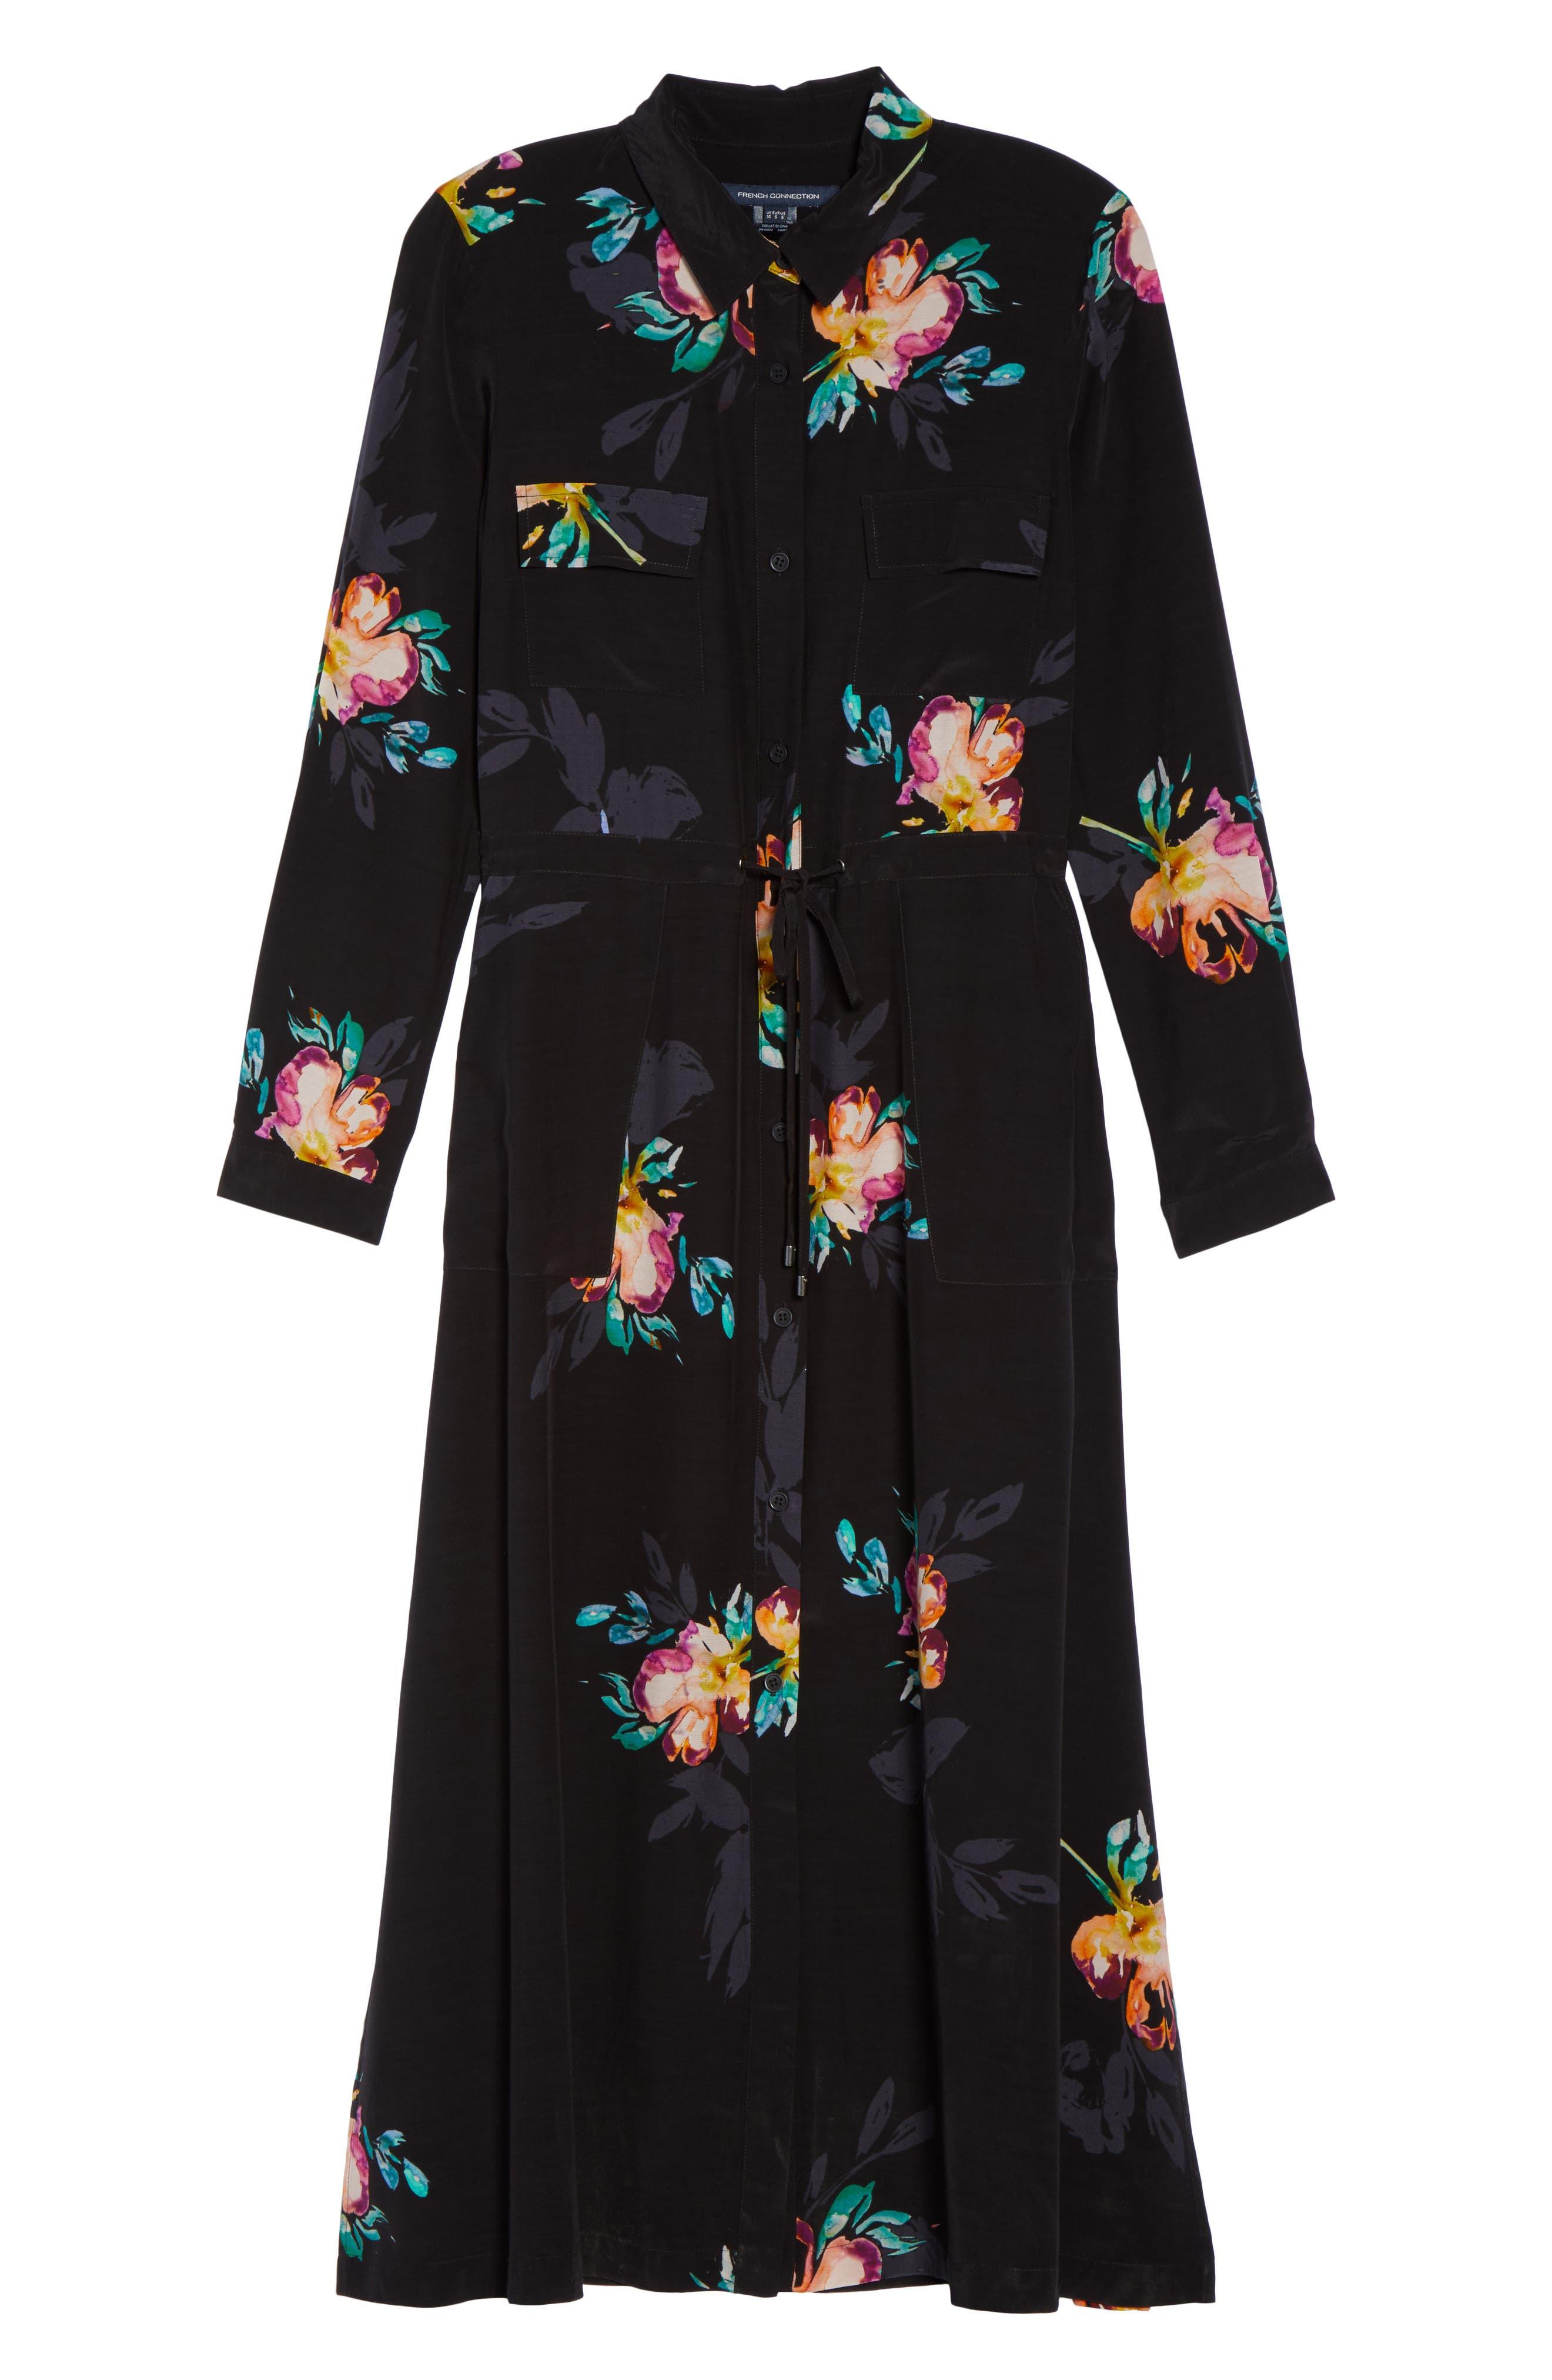 Delphine Midi Shirtdress,                             Alternate thumbnail 6, color,                             007